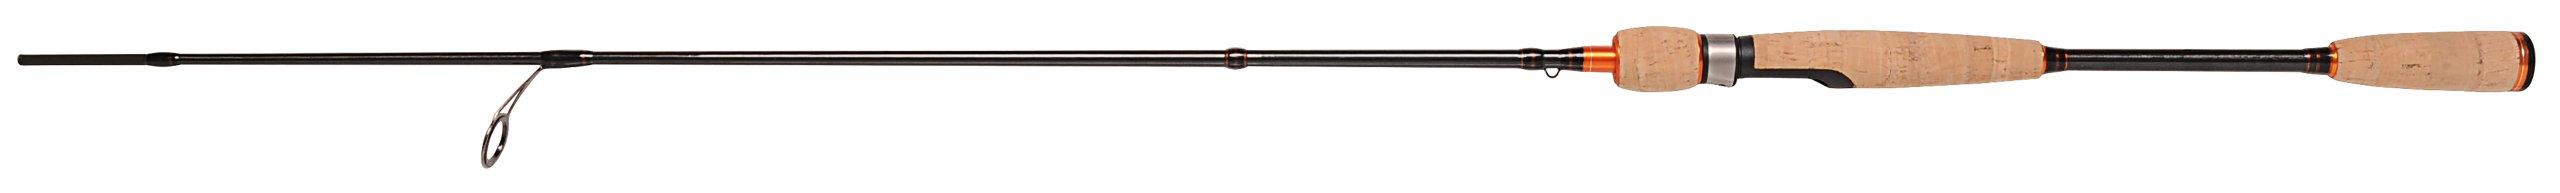 Tyč Dym L Spin 255M / CW 3-18G Max Rybársky tím